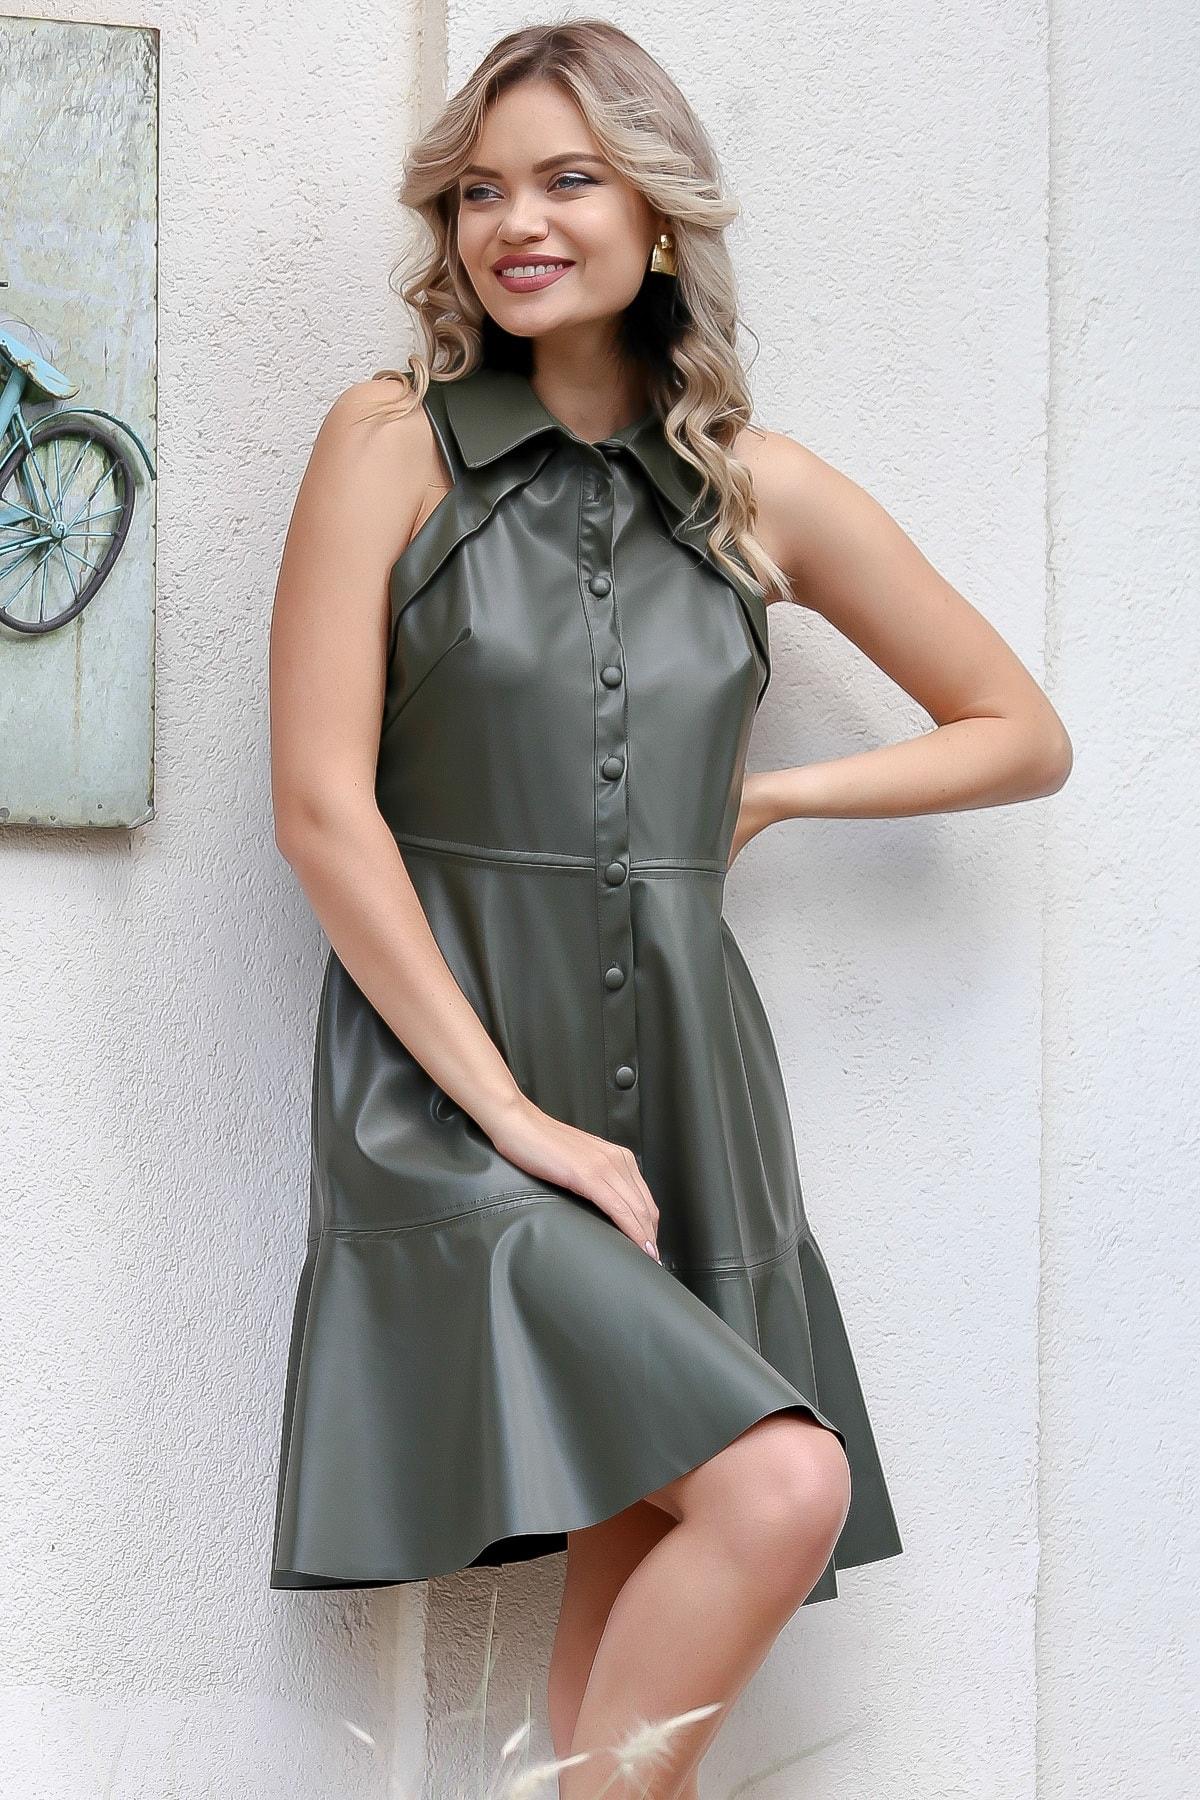 Chiccy Kadın Yeşil Gömlek Yaka Kaplama Düğmeli Kolsuz Suni Deri Retro Elbise M10160000EL96023